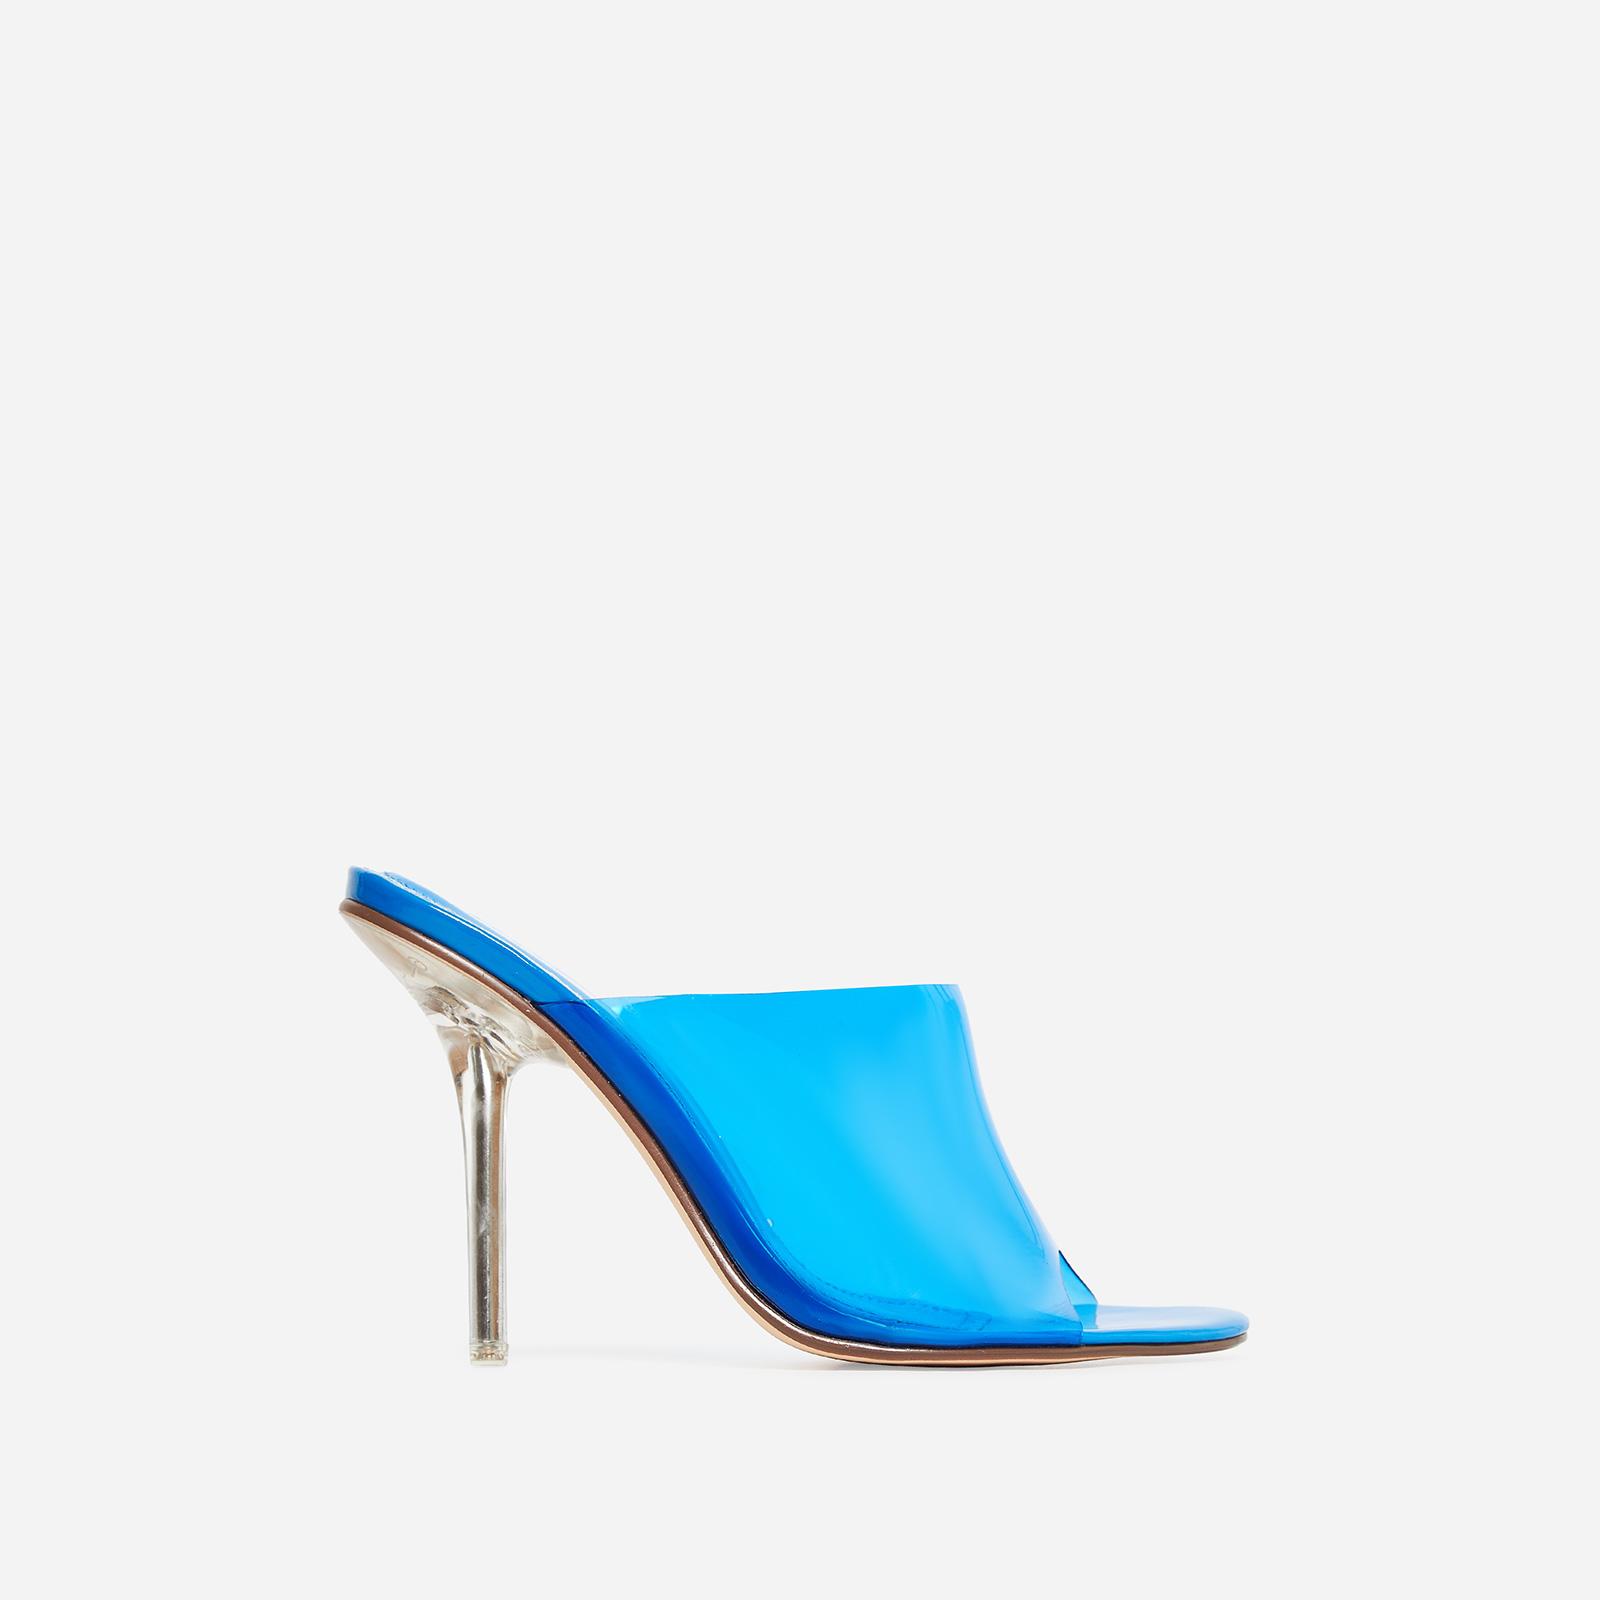 Paint Perspex Peep Toe Mule In Blue Patent